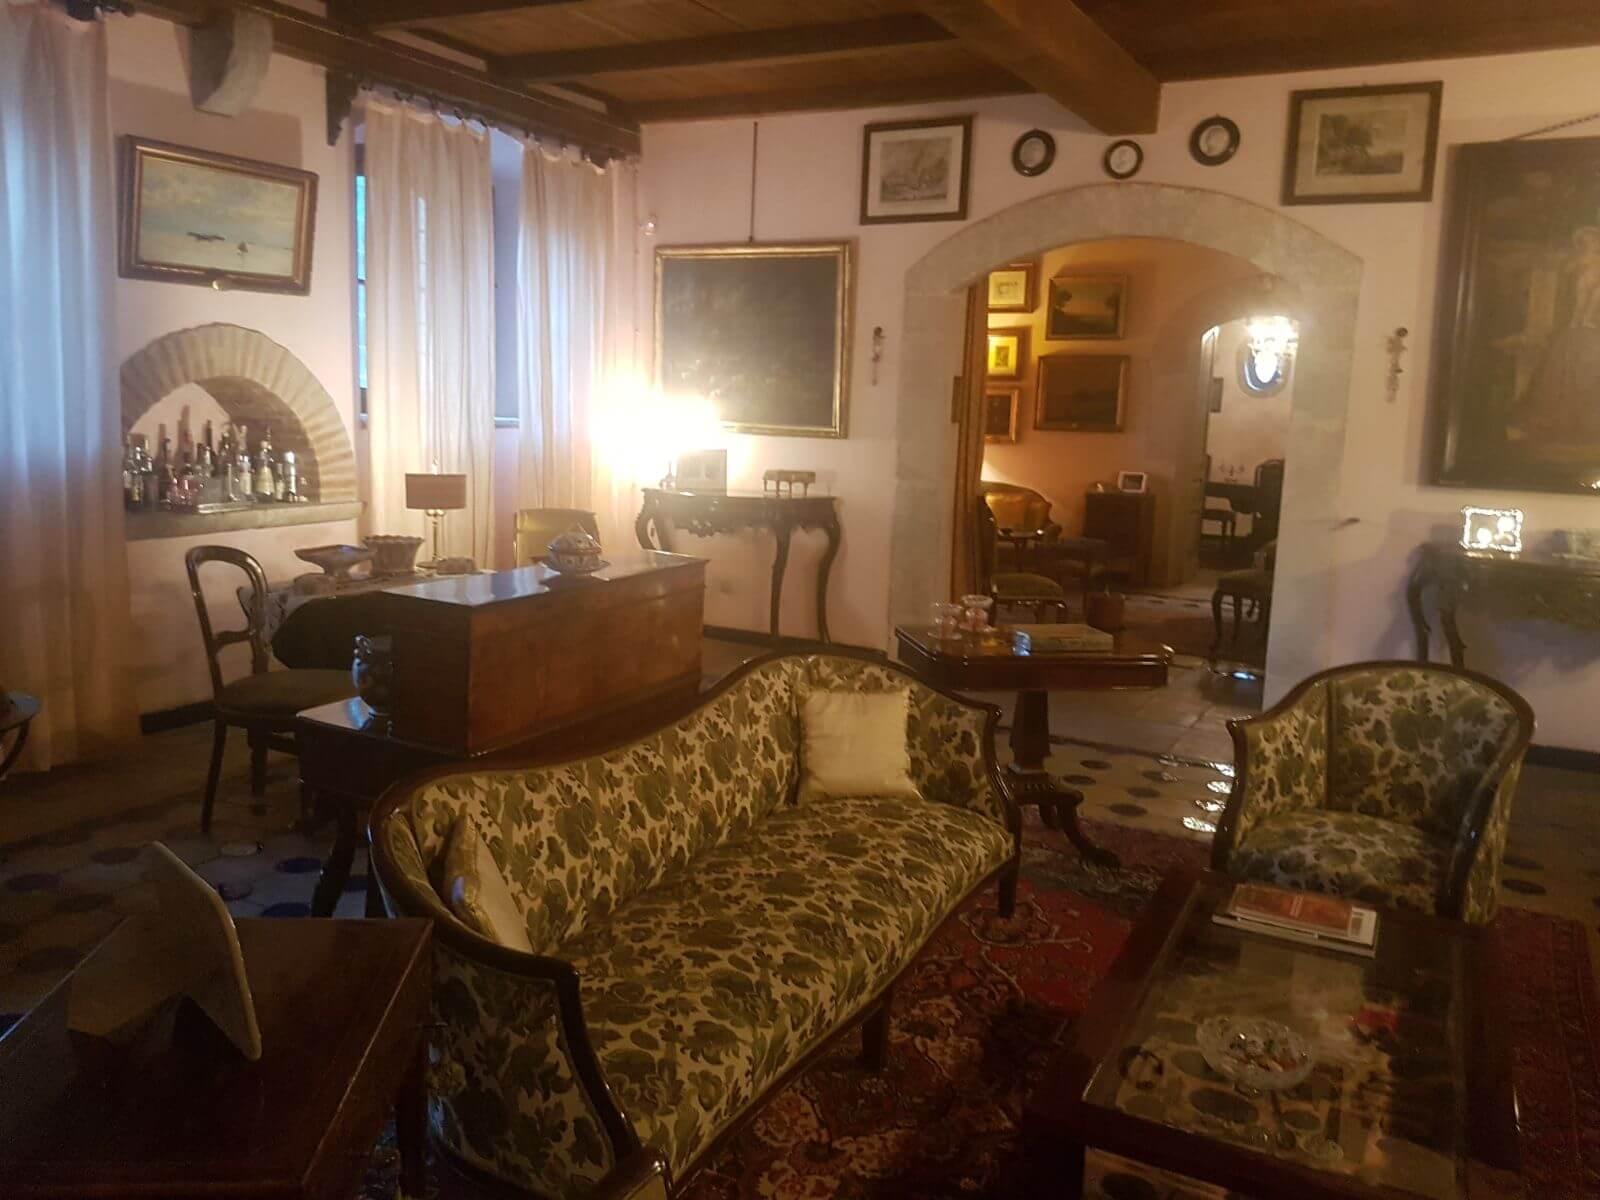 Cianciafara messina case antiche siciliane dooid dooid for Interni ville antiche